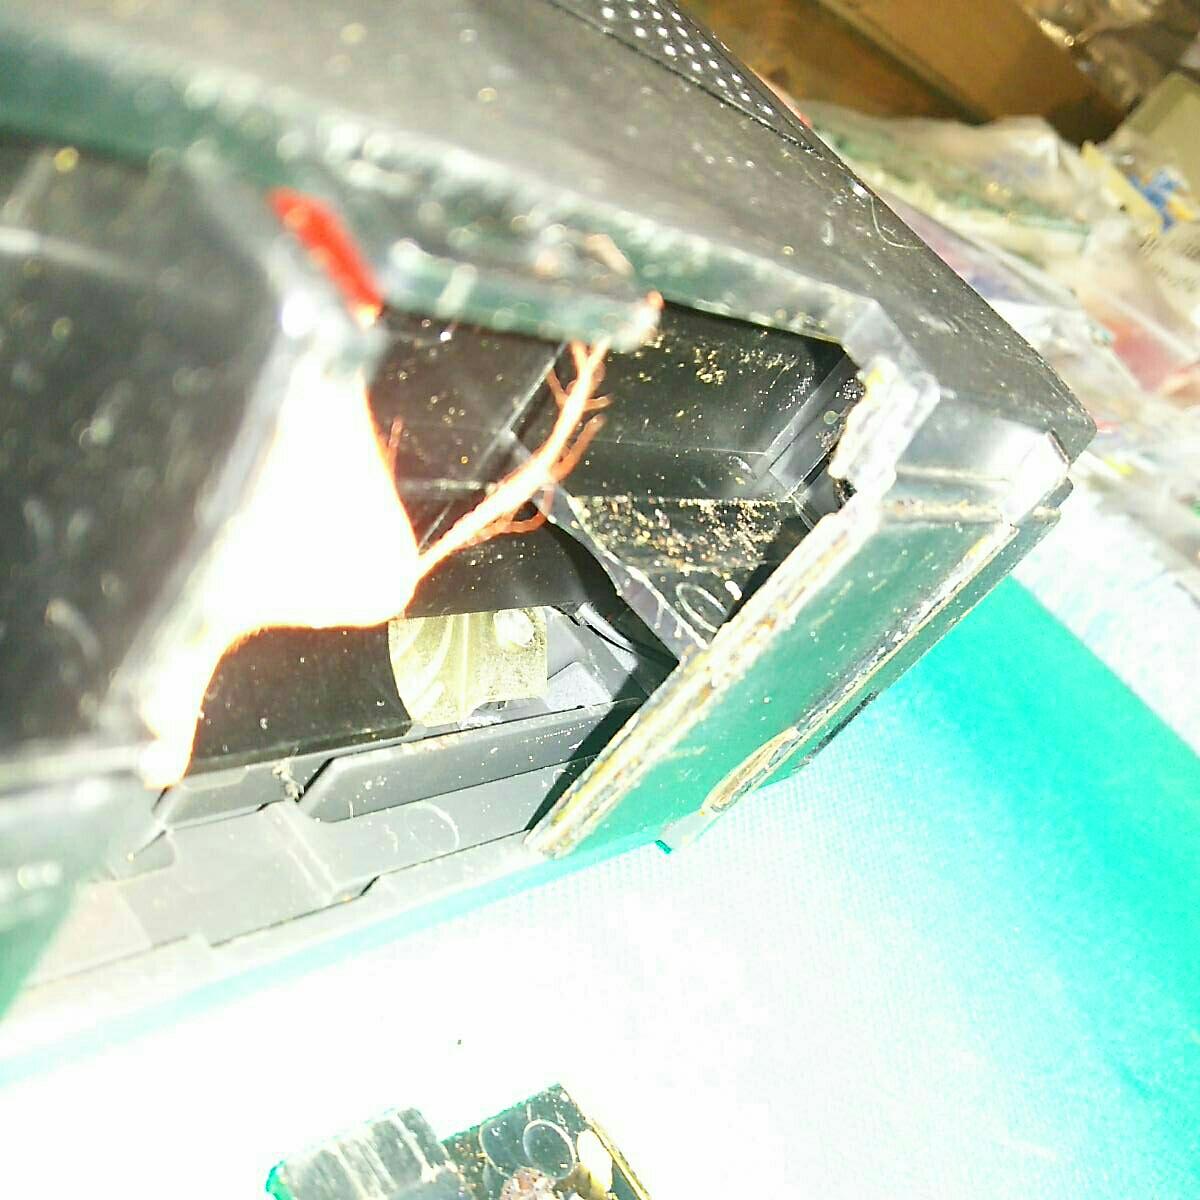 ナショナル national パナソニック Panasonic RF-877 3BAND ラジオ COUGAR No.7 RD-9801 NSB CRYSTAL 短波 中波 ジャンク ラジヲ 当時物_画像9